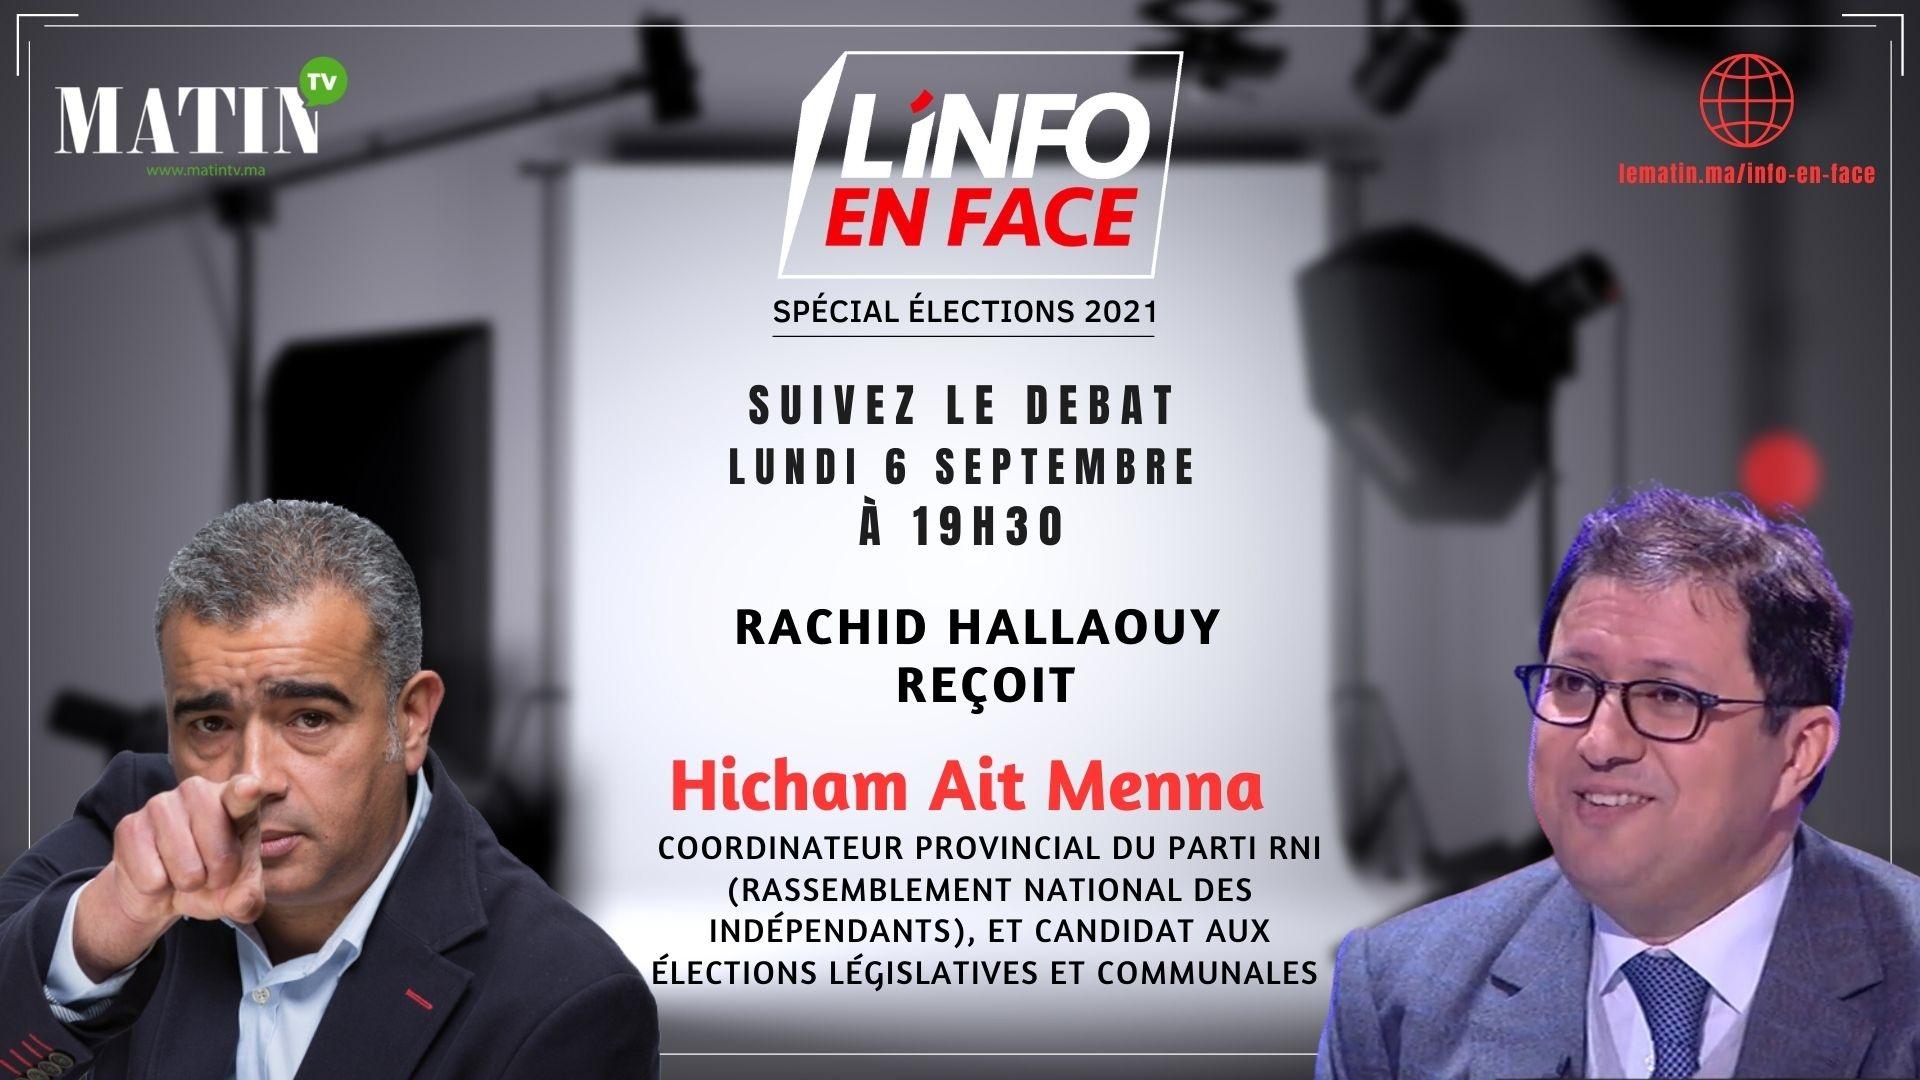 Live : Hicham Ait Menna invité de L'Info en Face spécial Elections